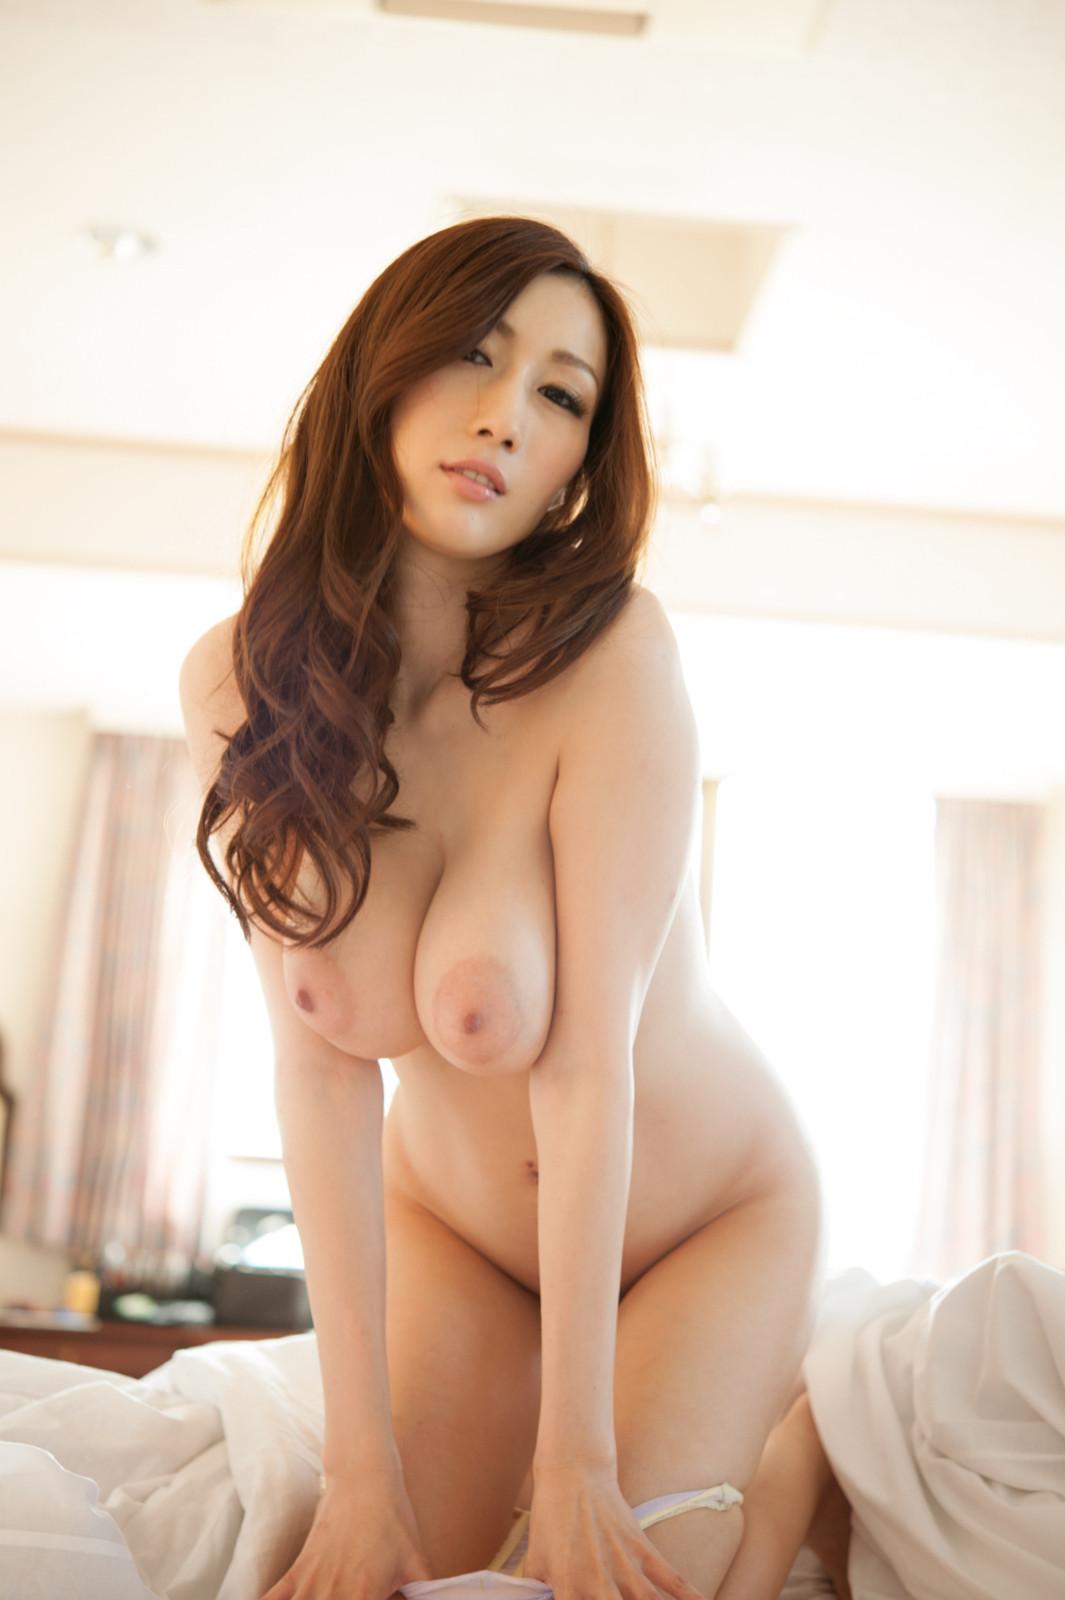 AV女優 JULIA(ジュリア) 画像 26